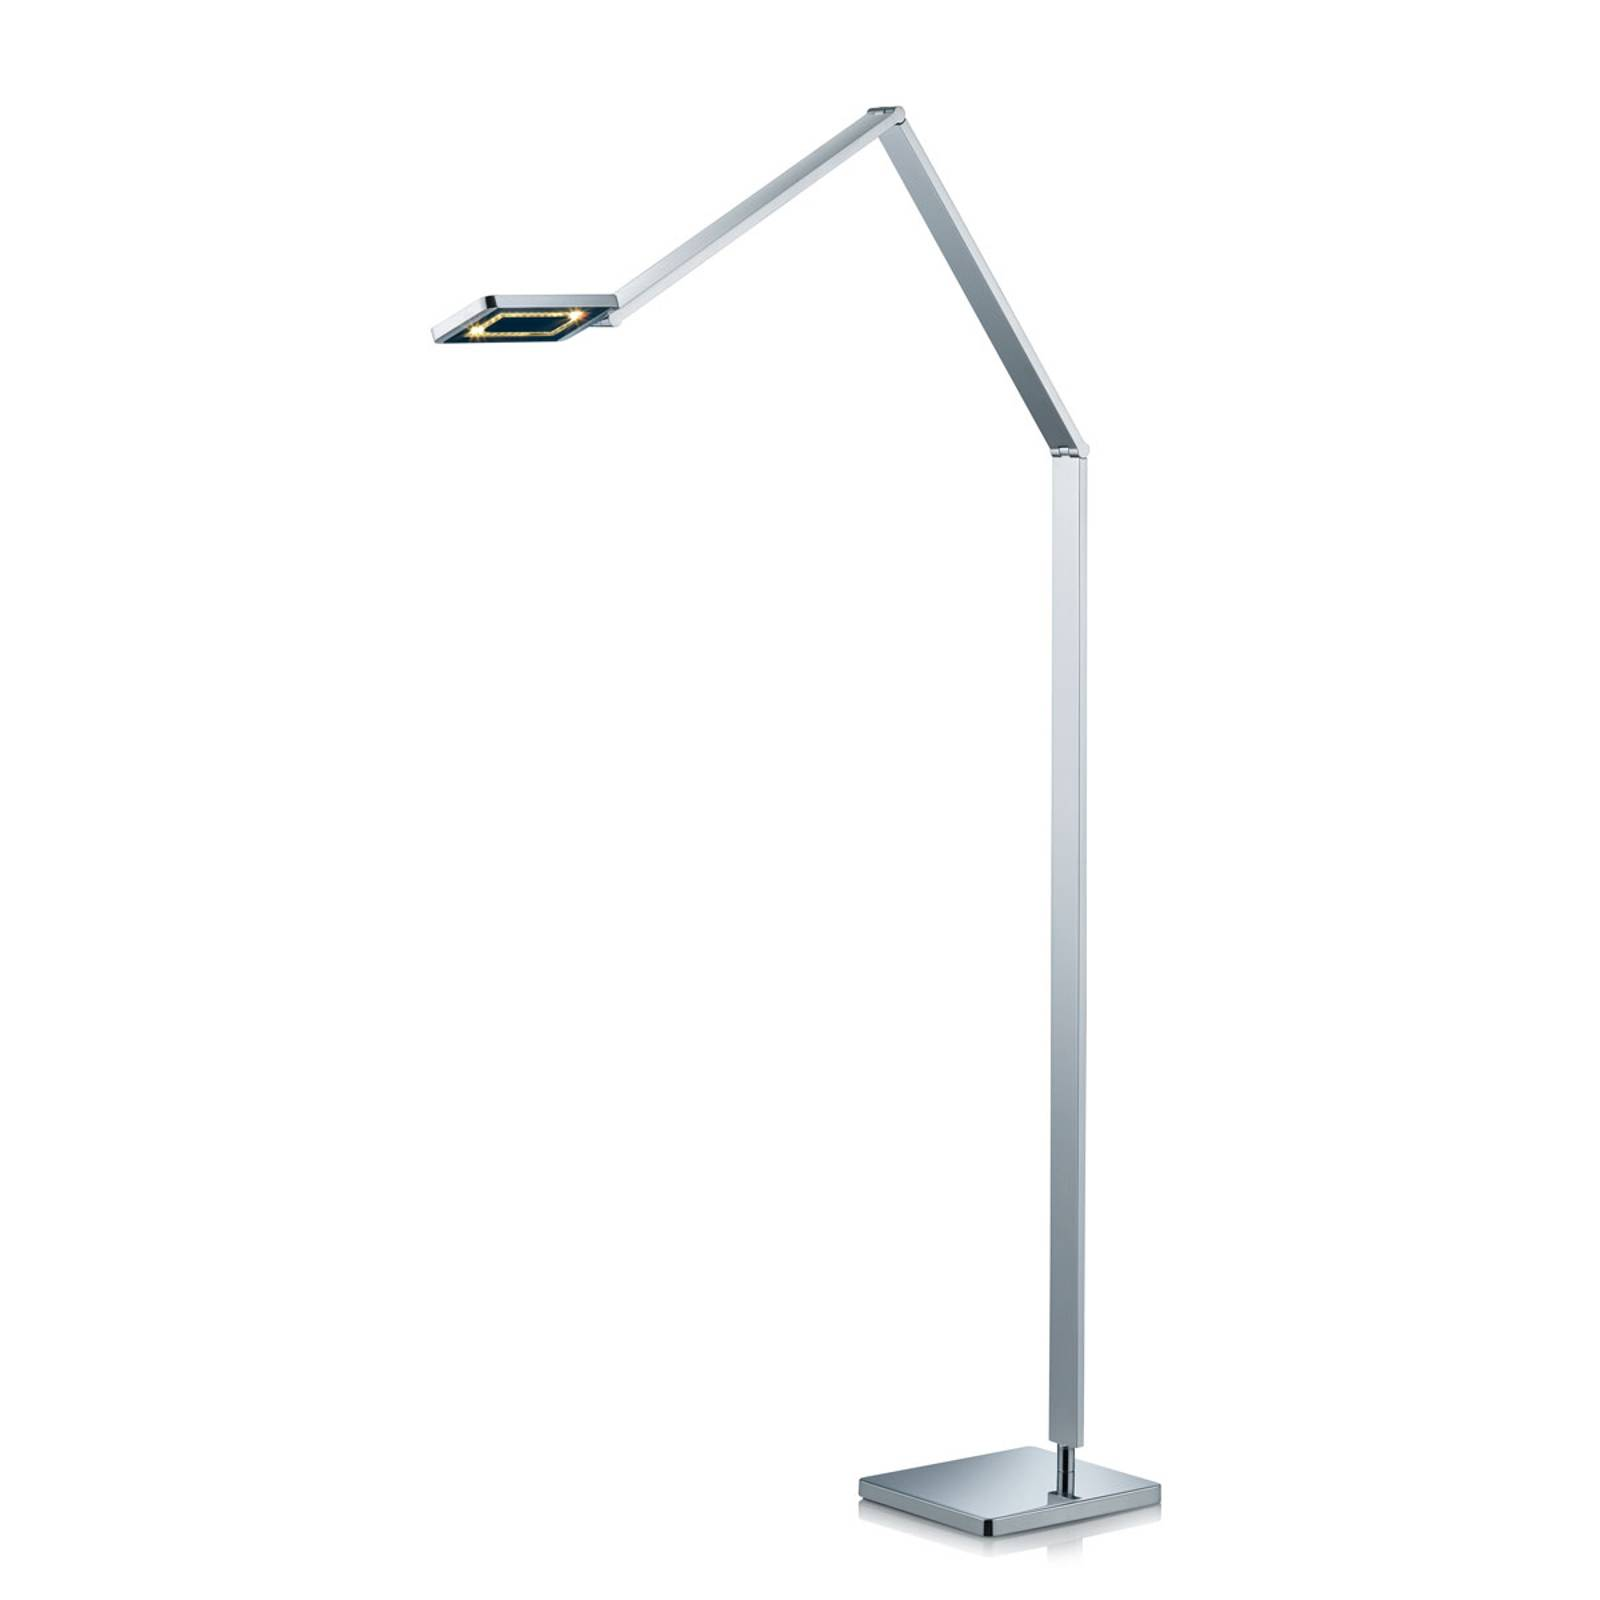 Slanke LED vloerlamp Linus in chroom